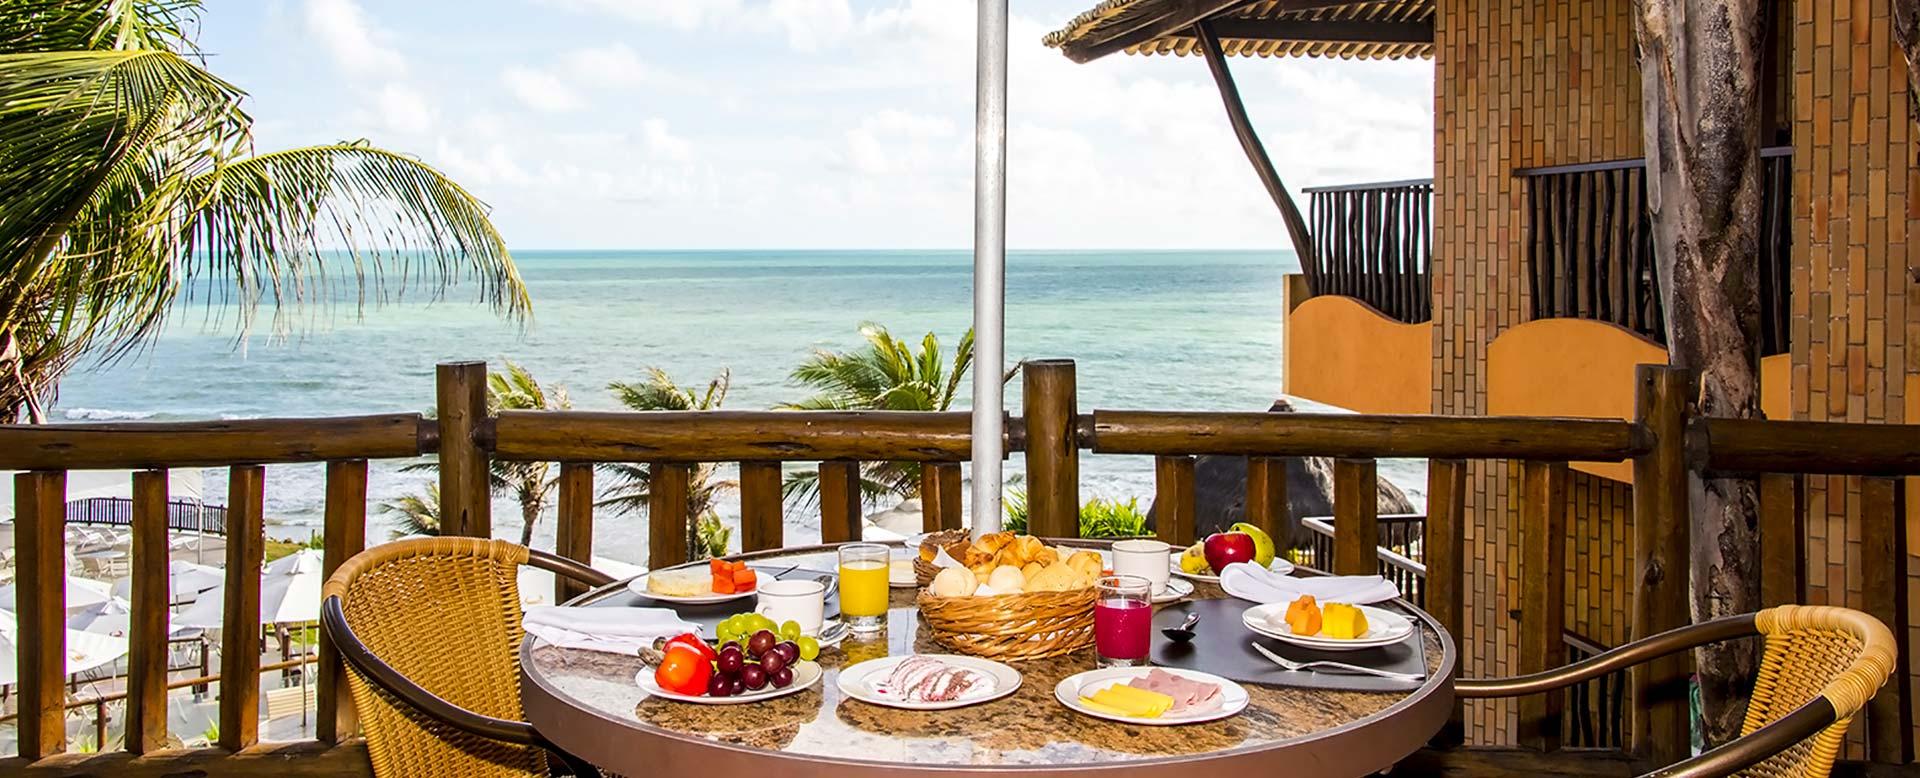 slider-page-rifoles-praia-hotel-e-resort-gastronomia